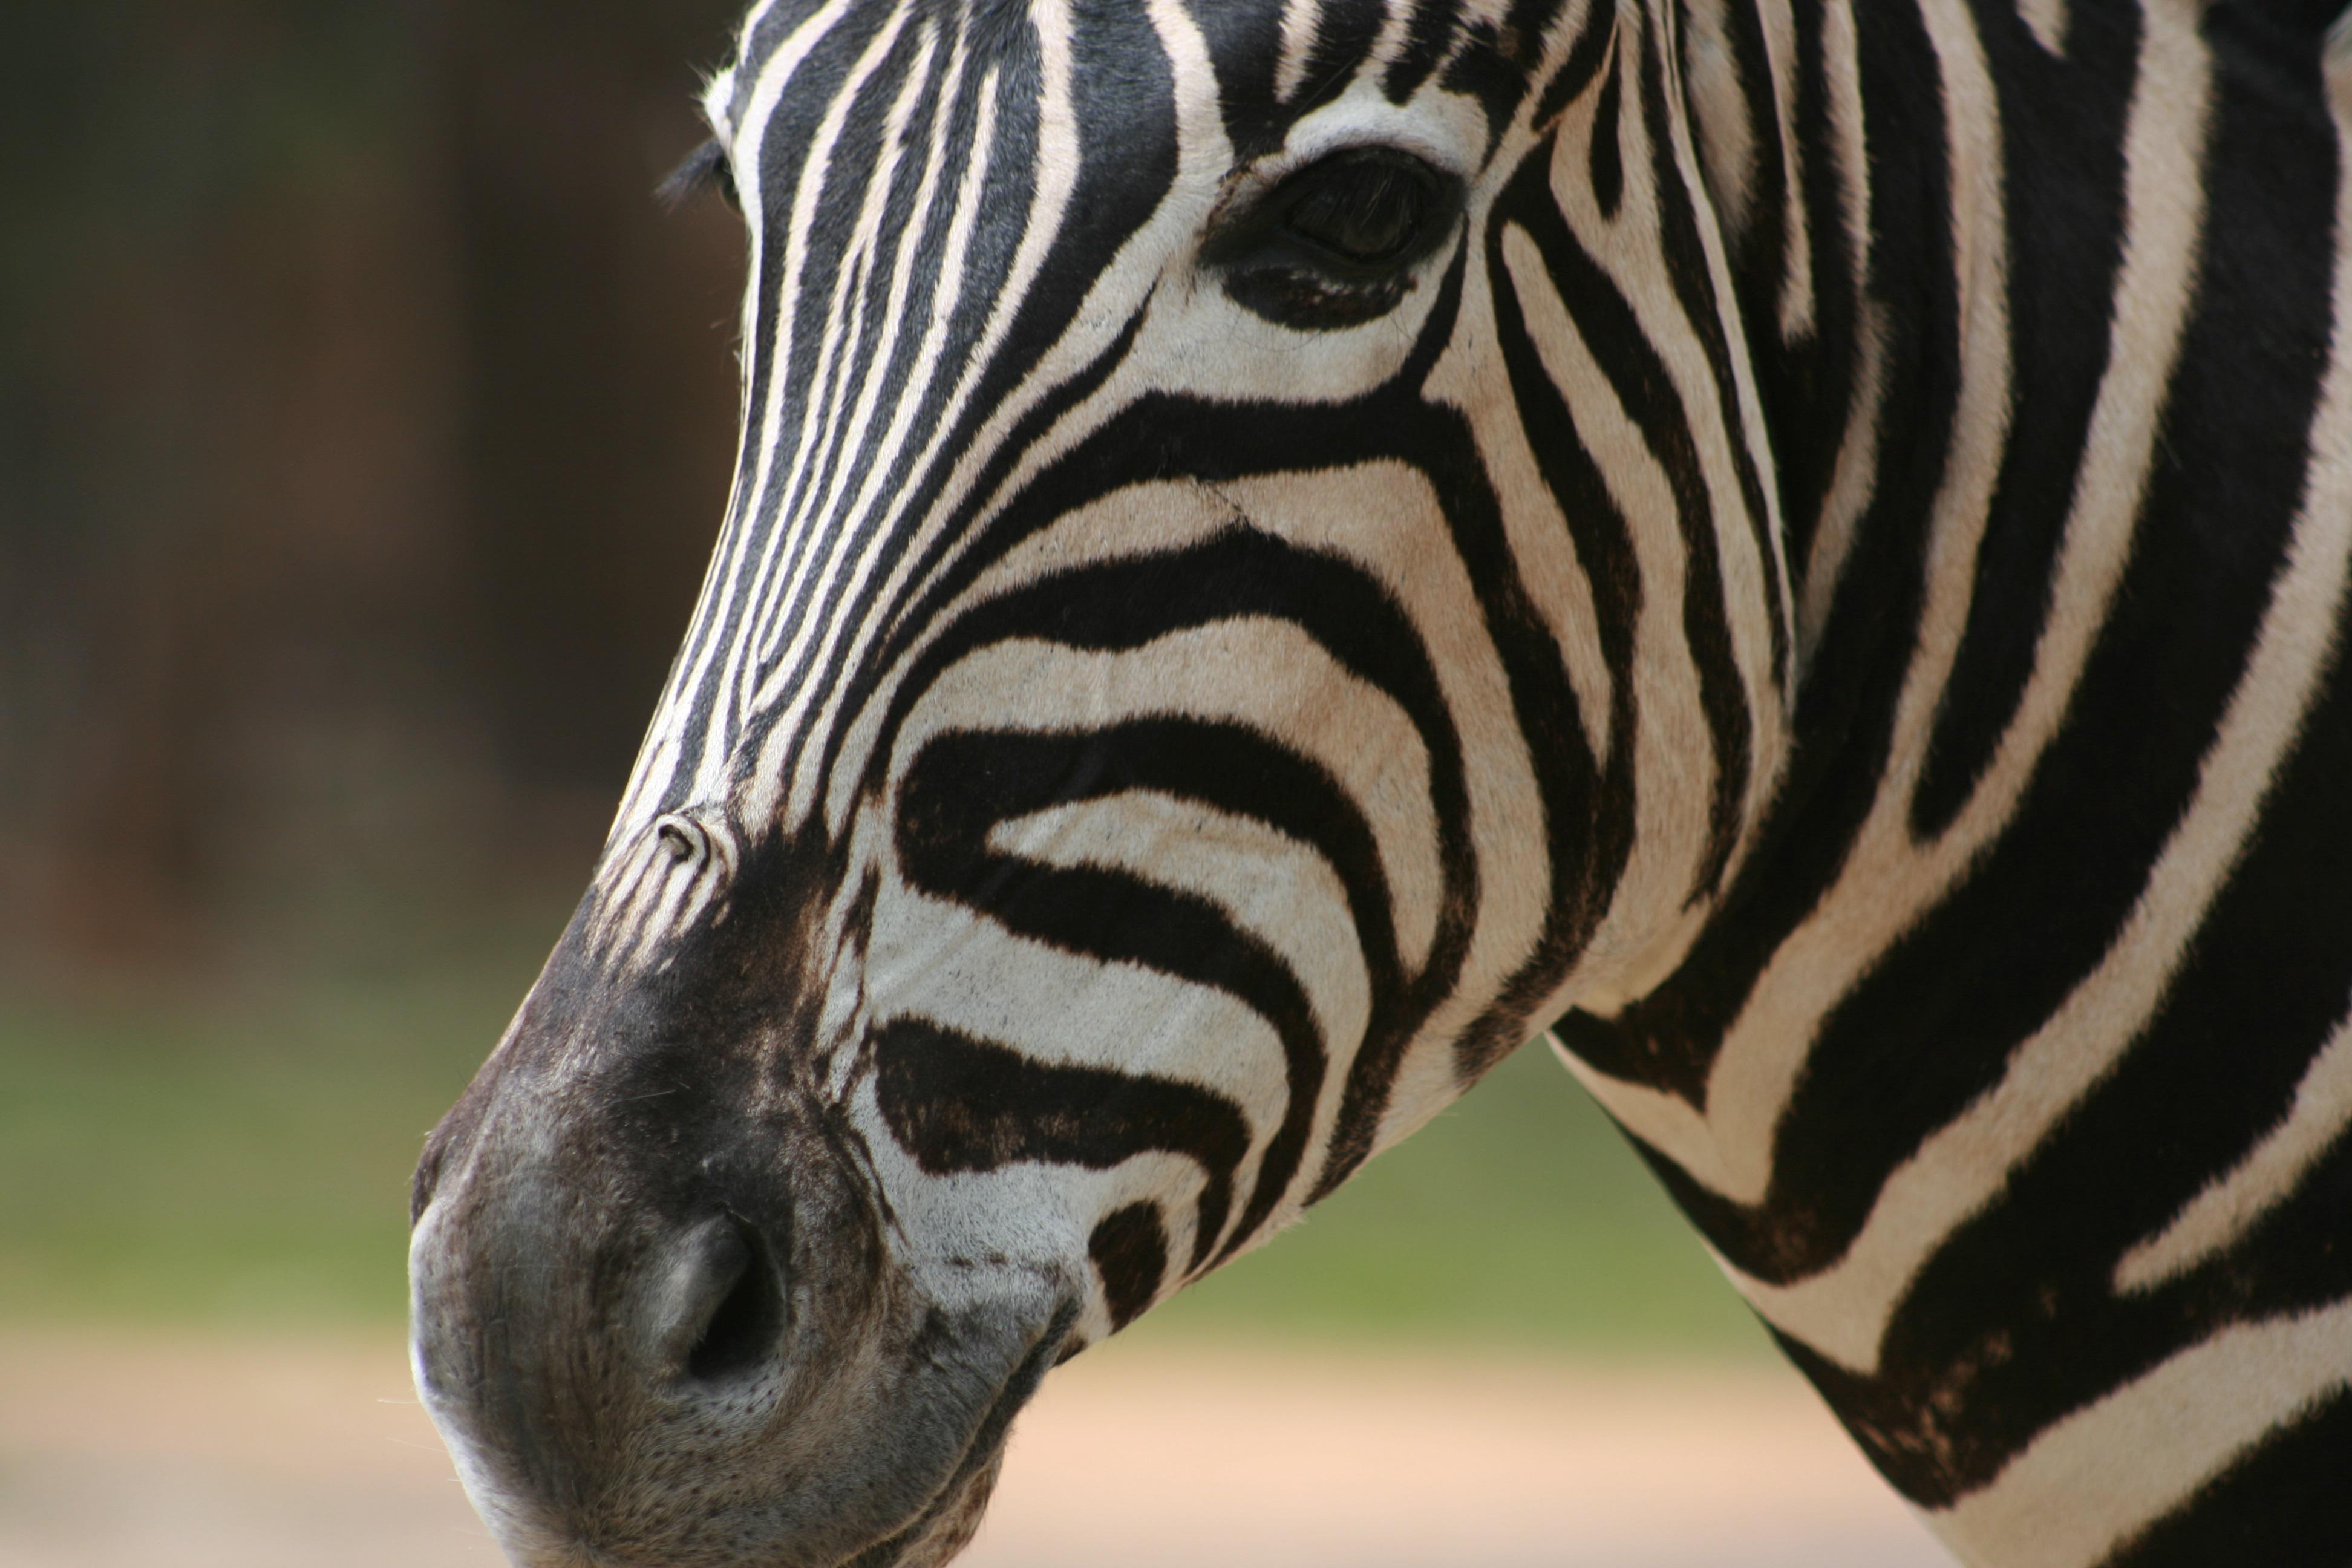 Zebra shoulder mount face.jpg